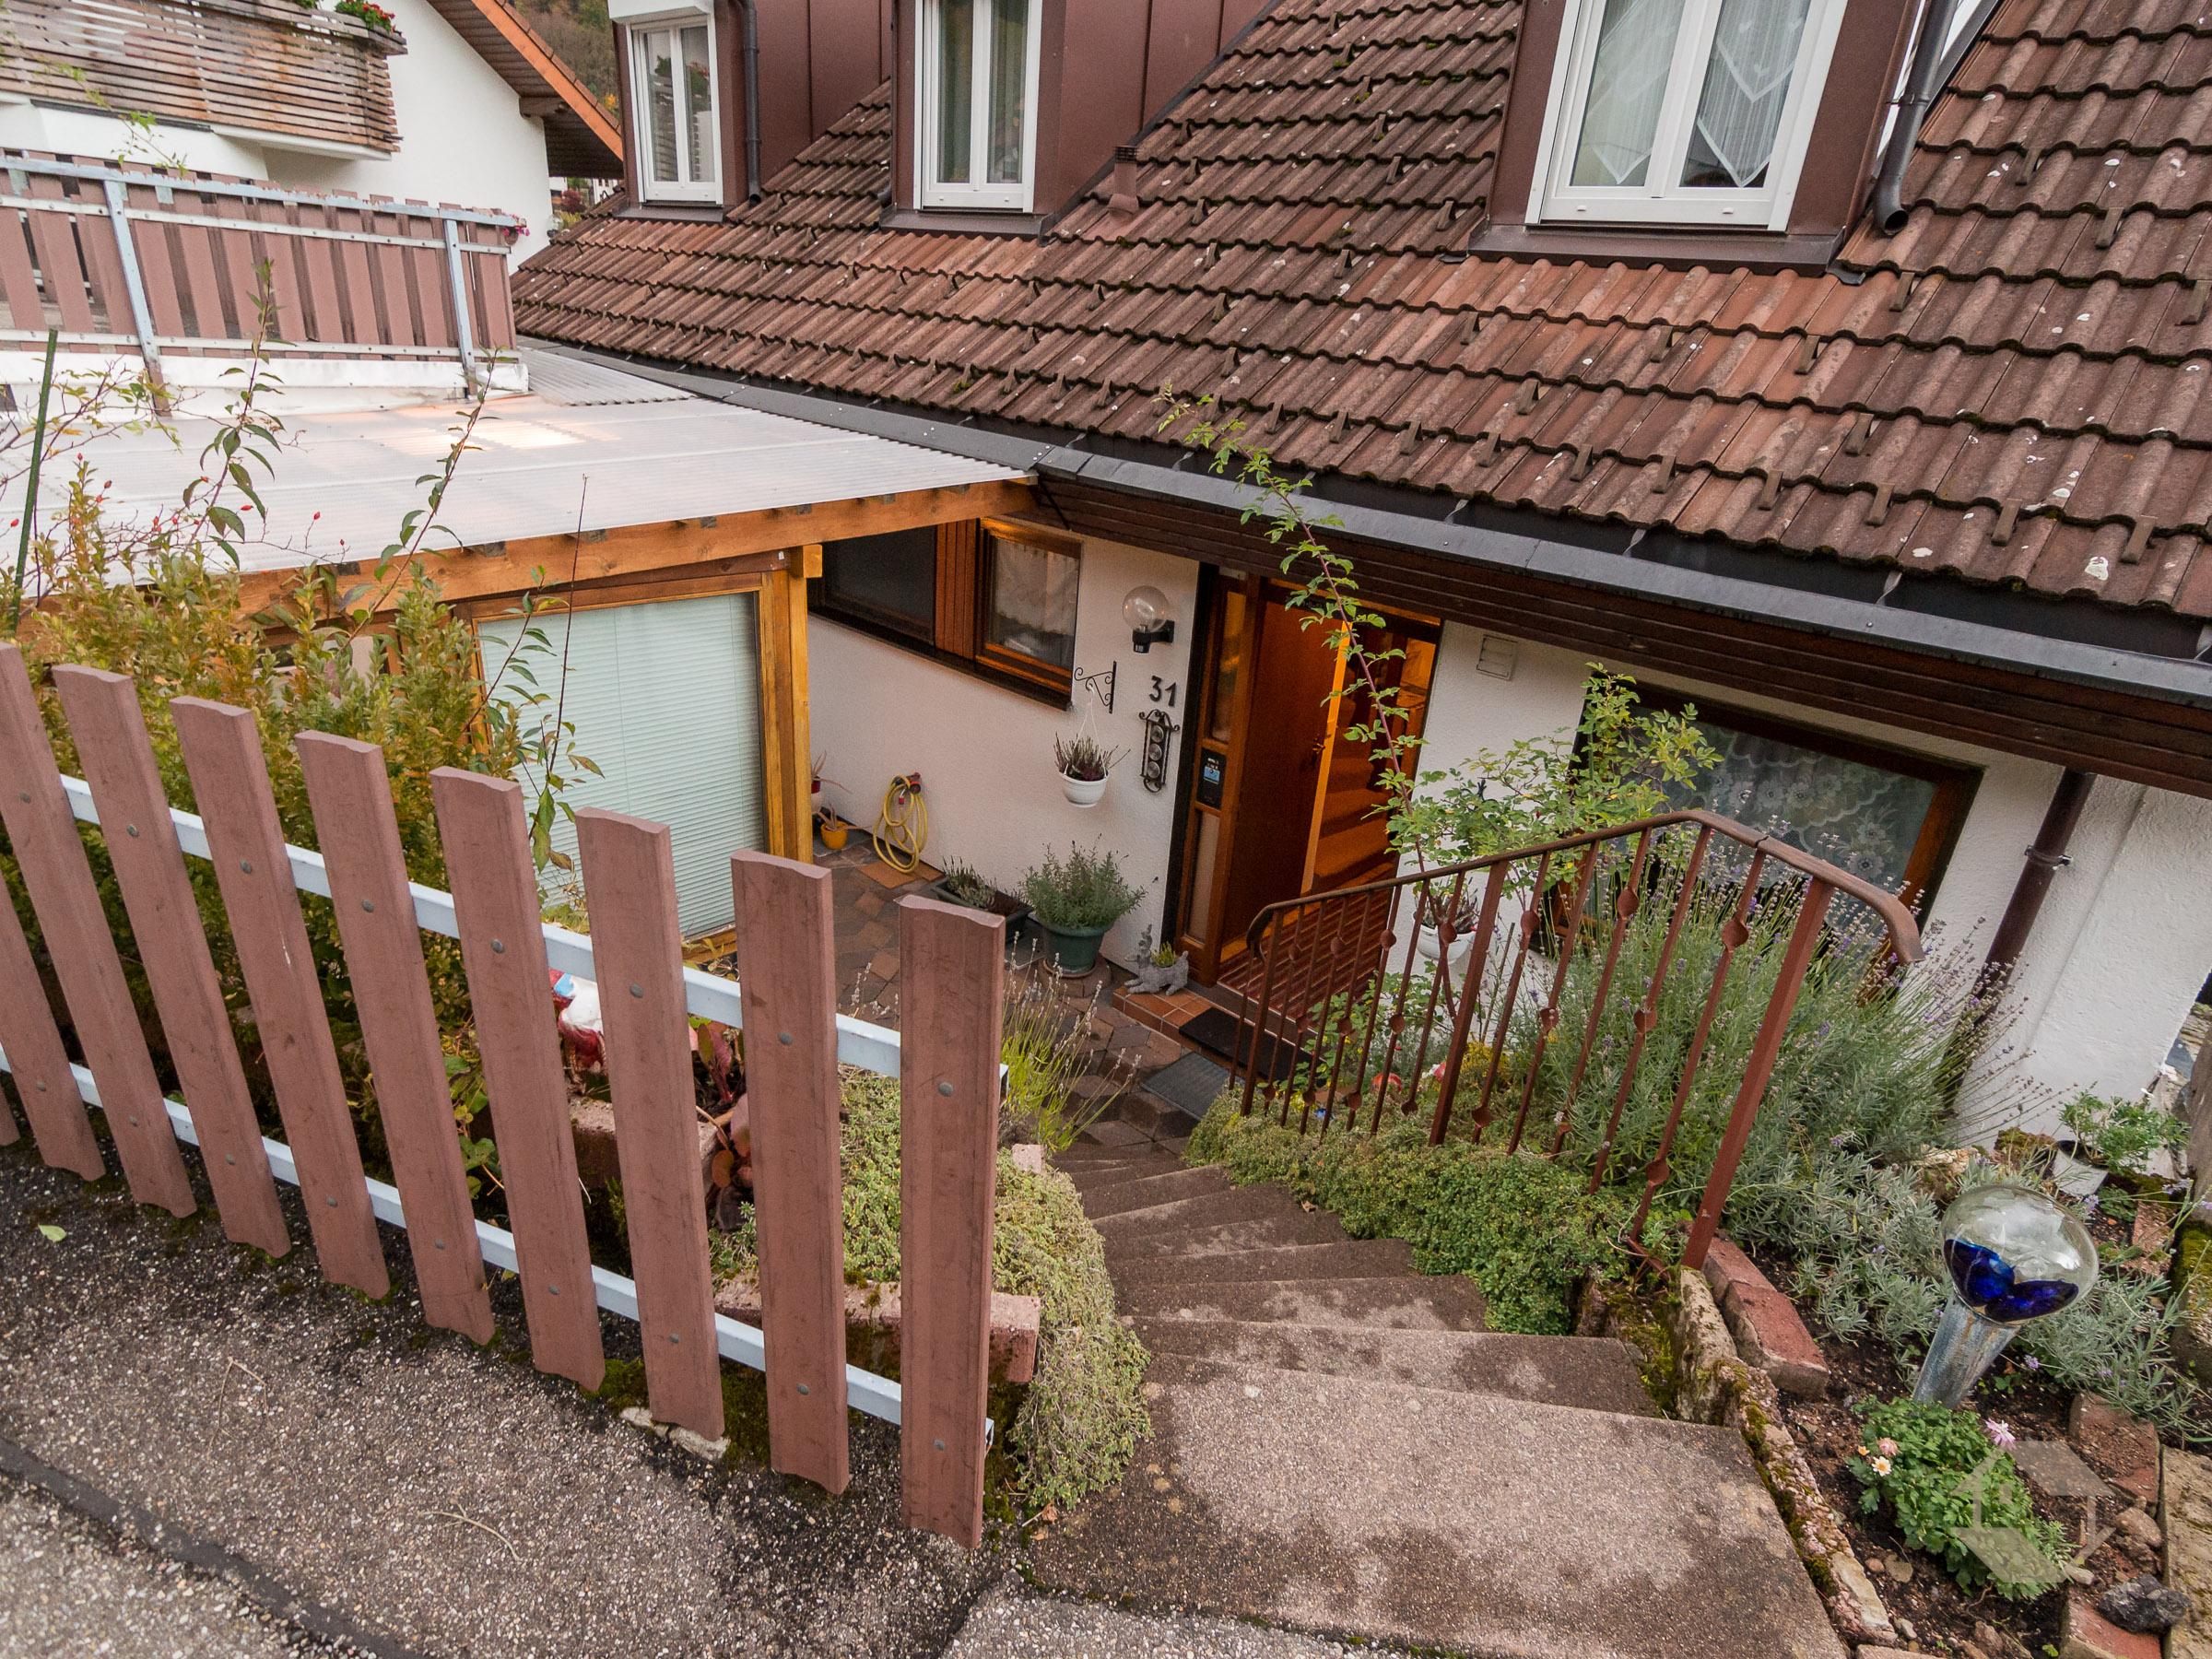 Haus Ellen Todtnau Ferienwohnung 100qm 2 Schlafzimmer Fur Max